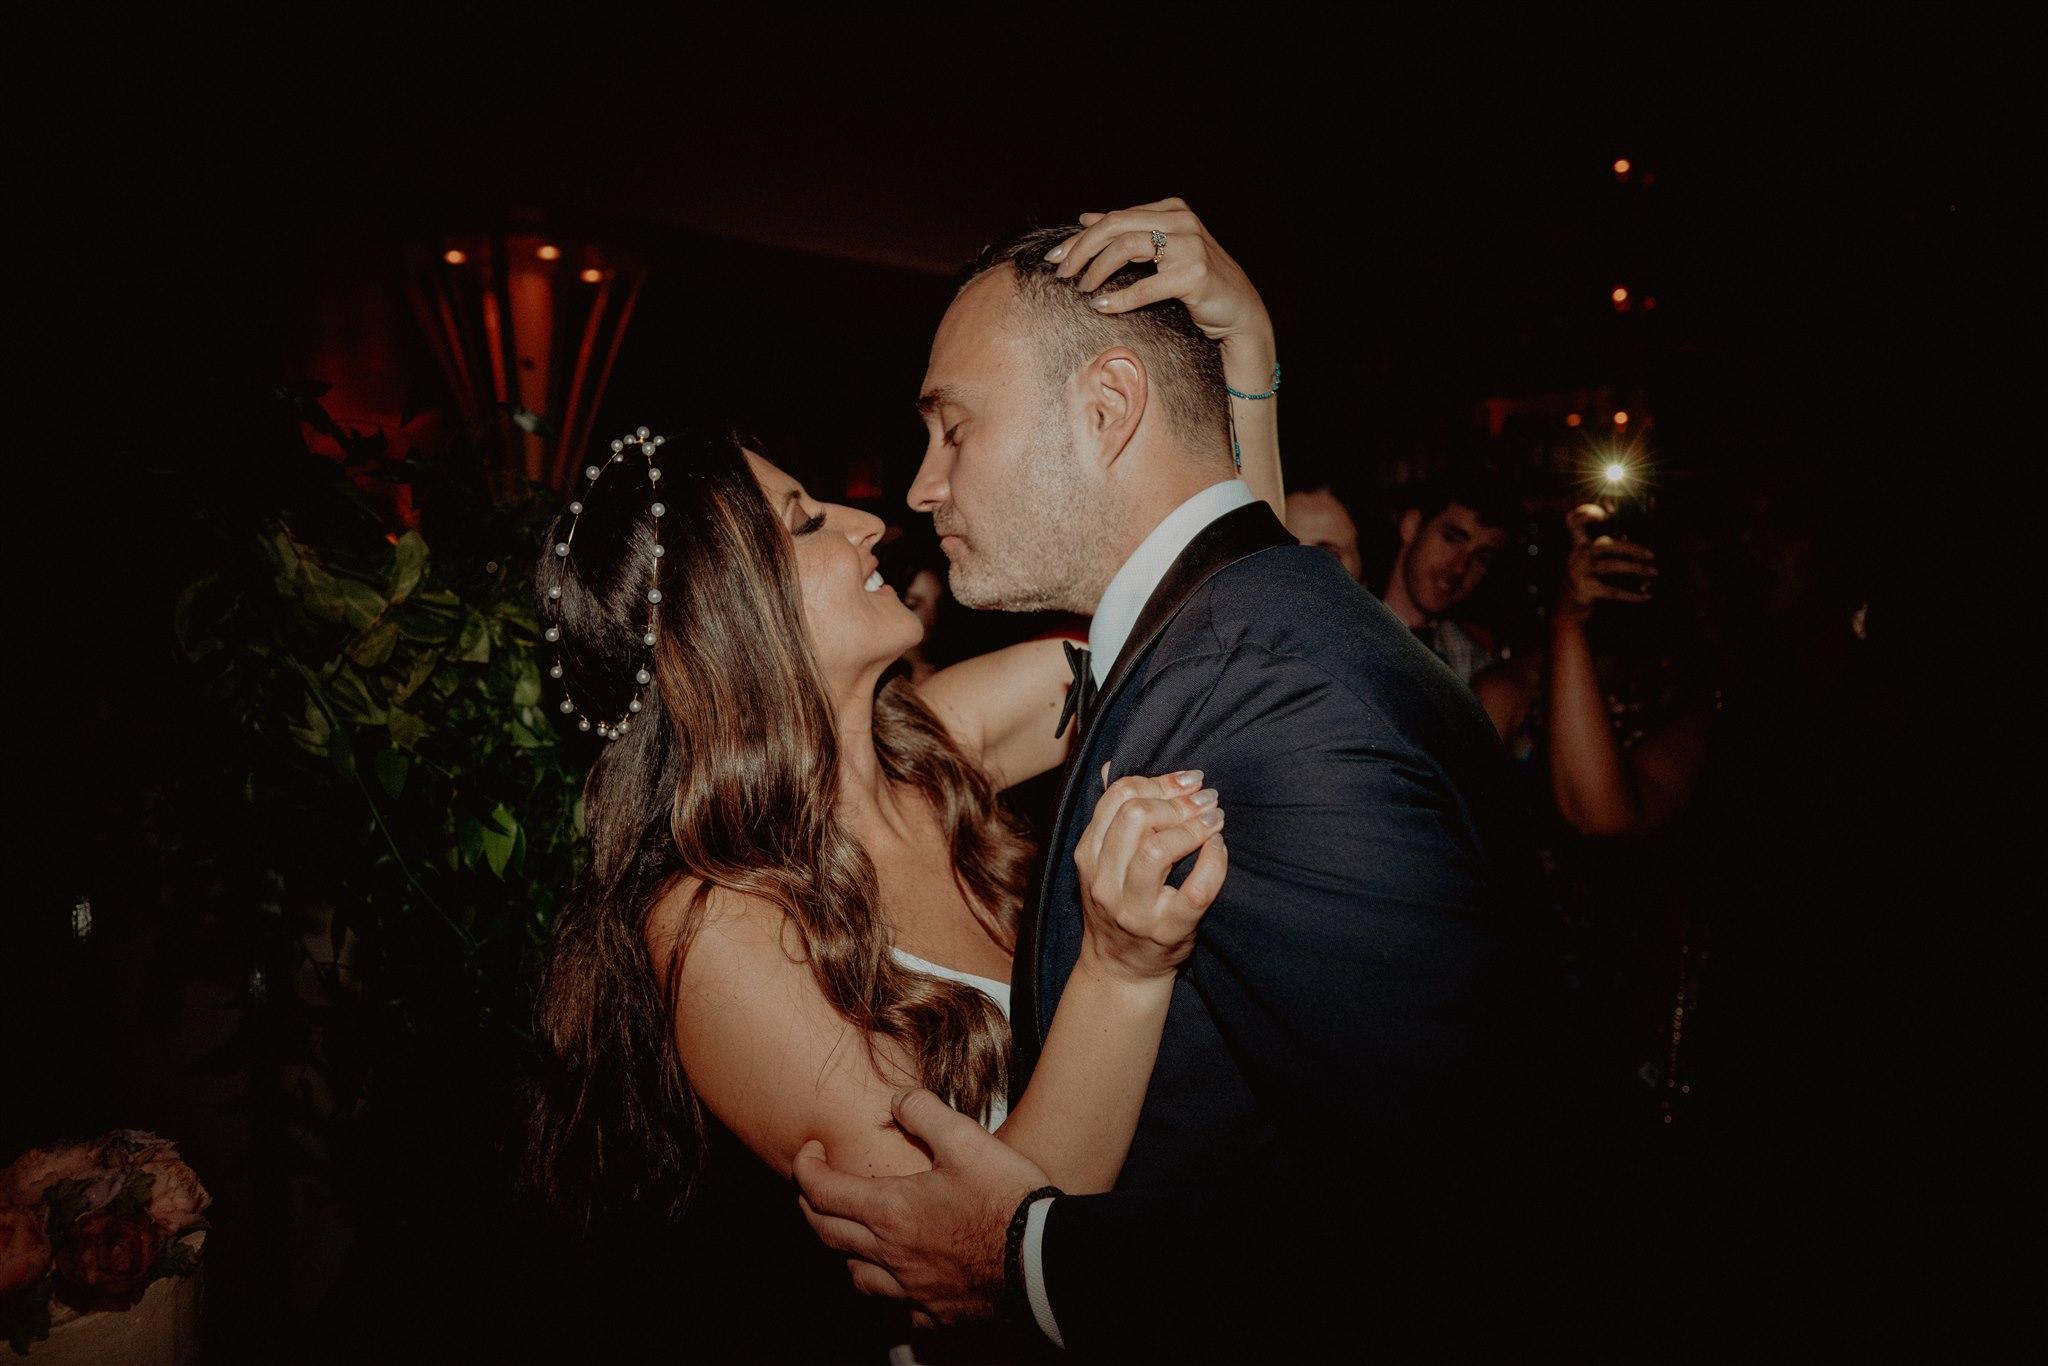 Chellise_Michael_Photography_Ramona_Brooklyn_Wedding_Photographer-538.jpg